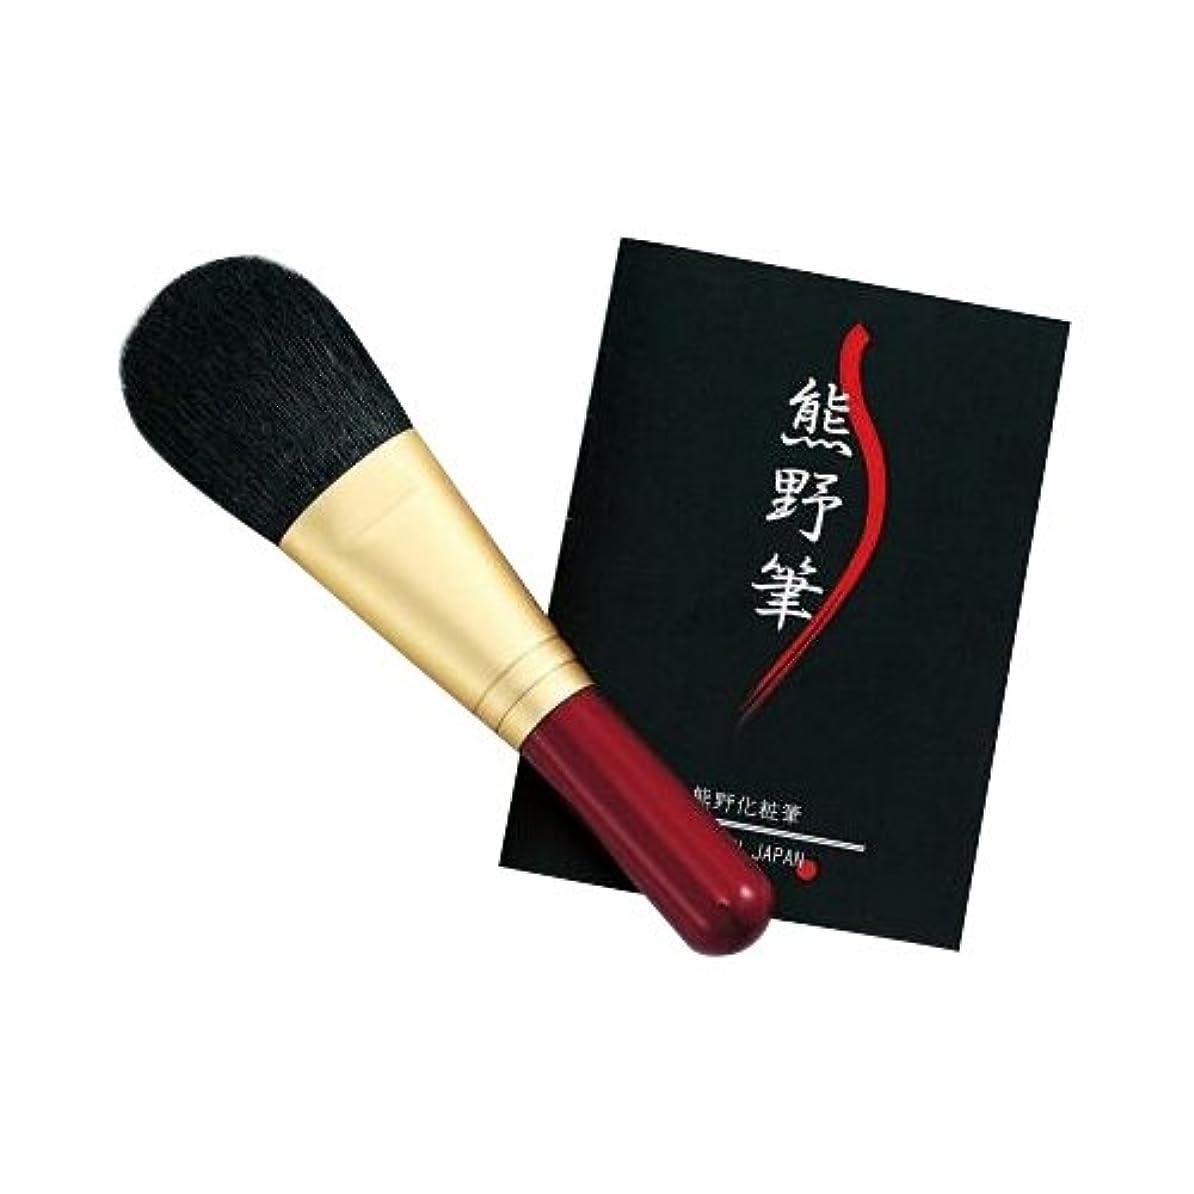 まとめるもちろんドールゼニス 熊野化粧筆 筆の心 フェイスブラシ(ショート)